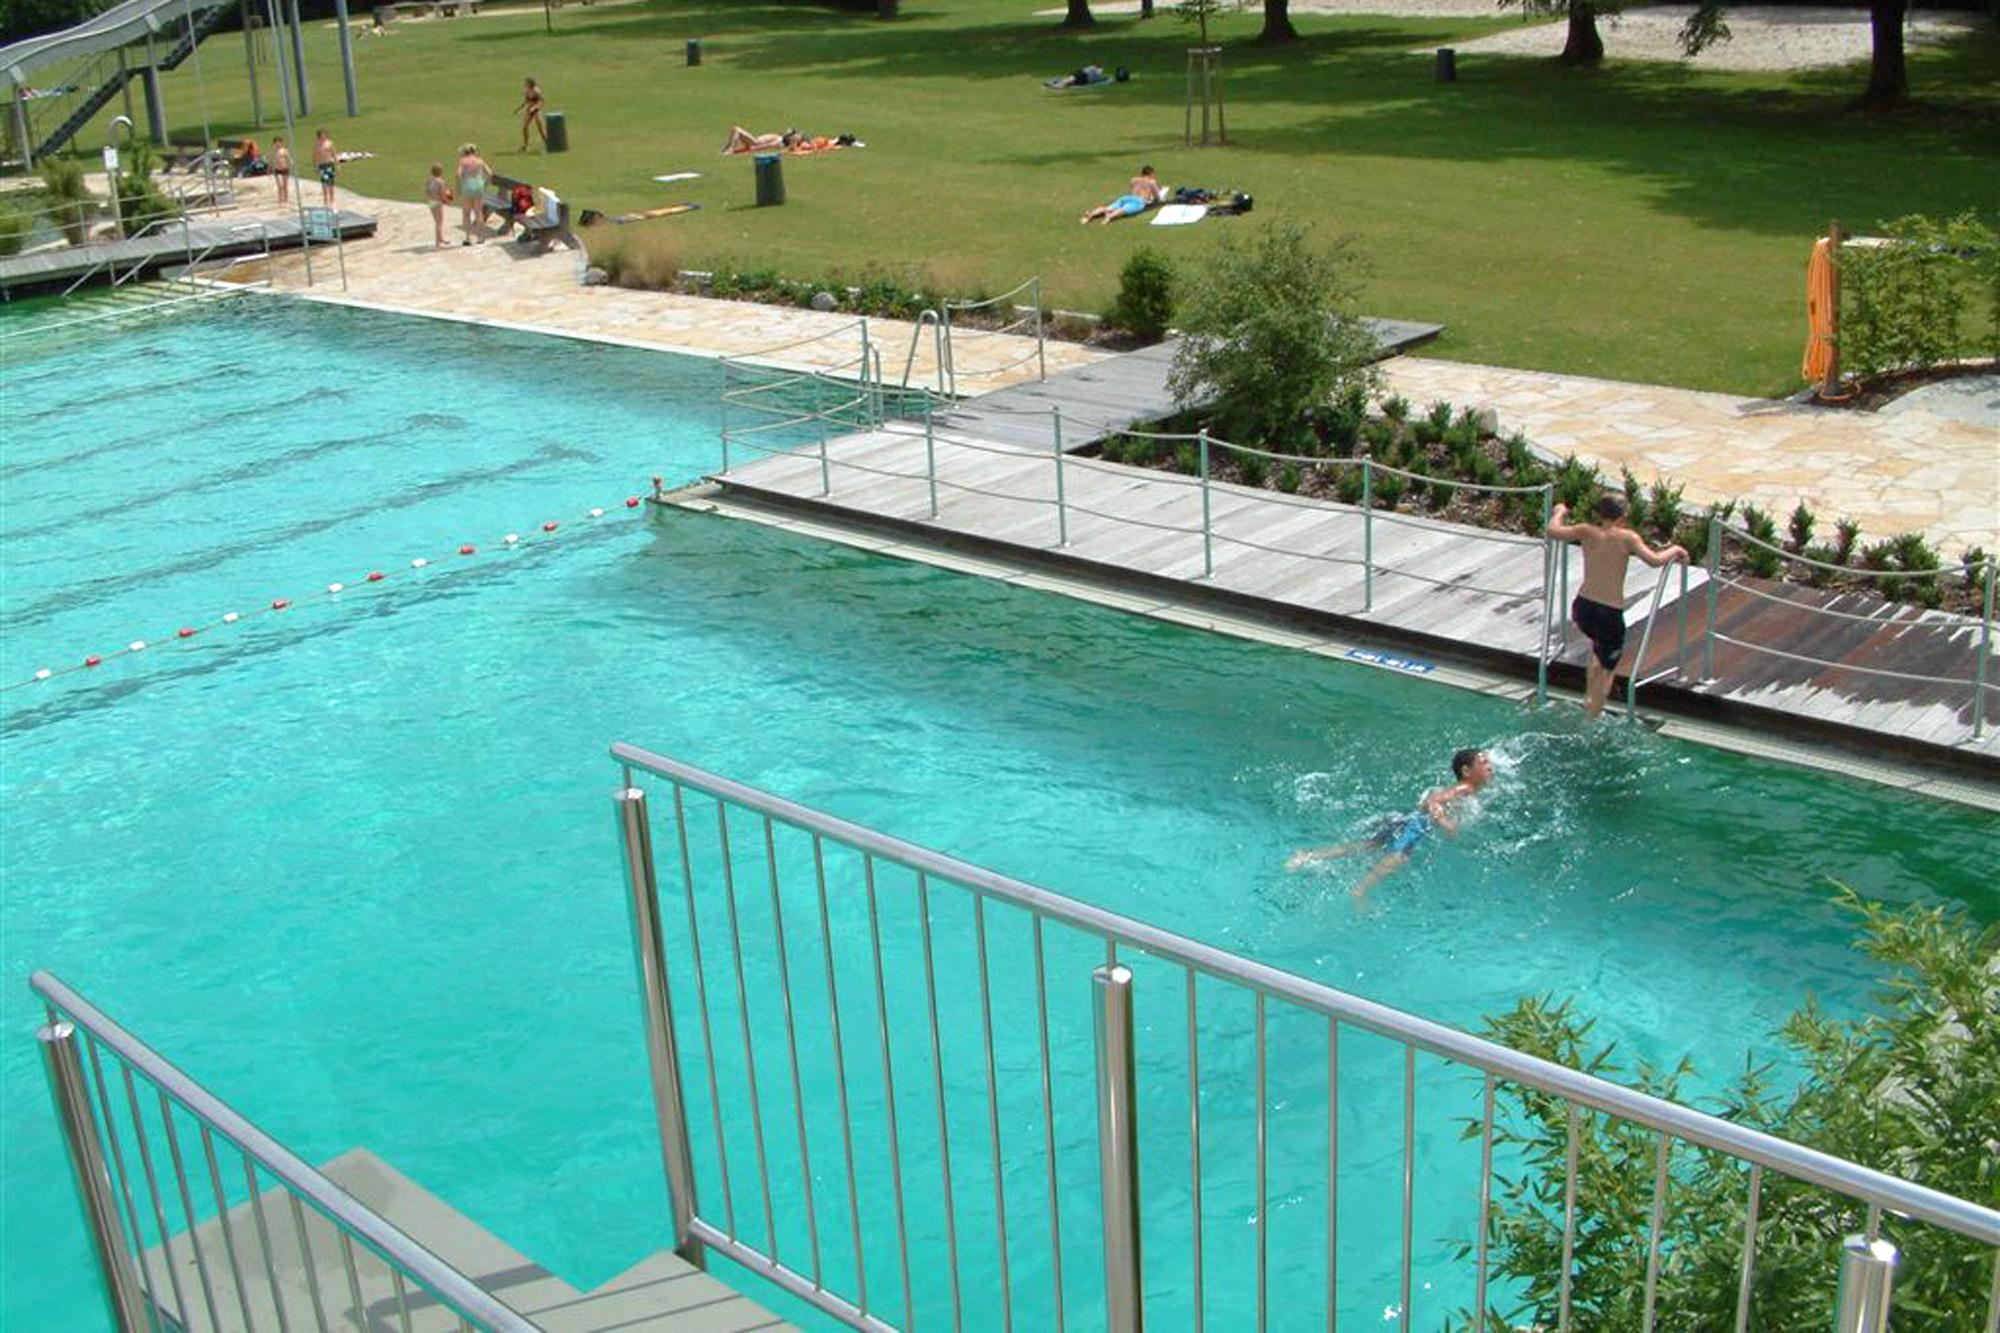 öffentliche Schwimmbäder - Freibad in ocean grün beziehungsweise blau-grün